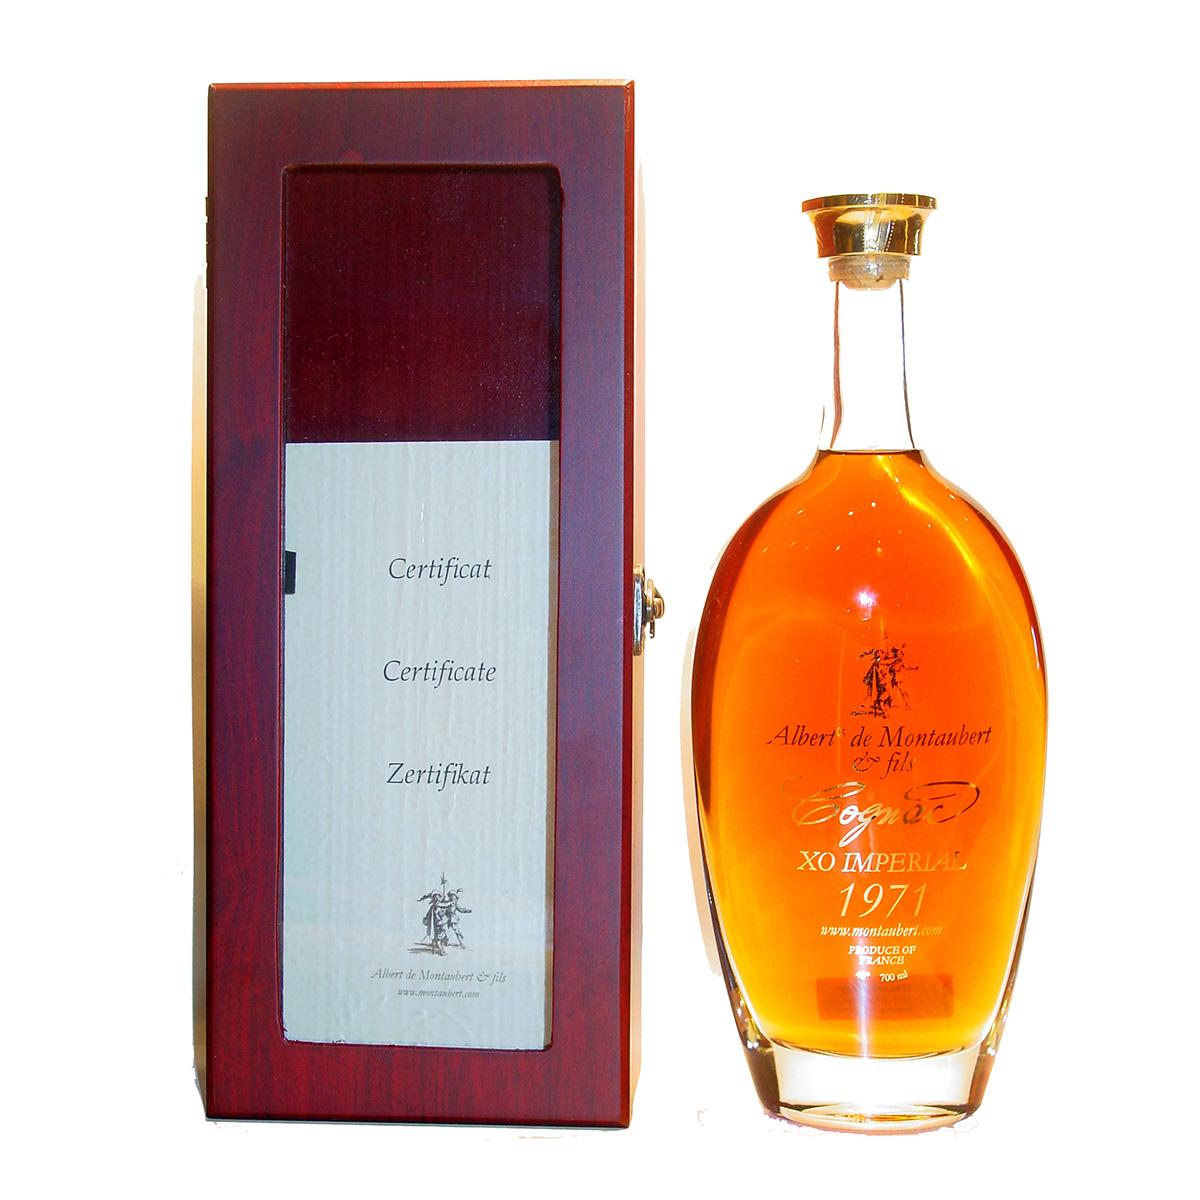 Albert de Montaubert XO impérial 1971 Cognac